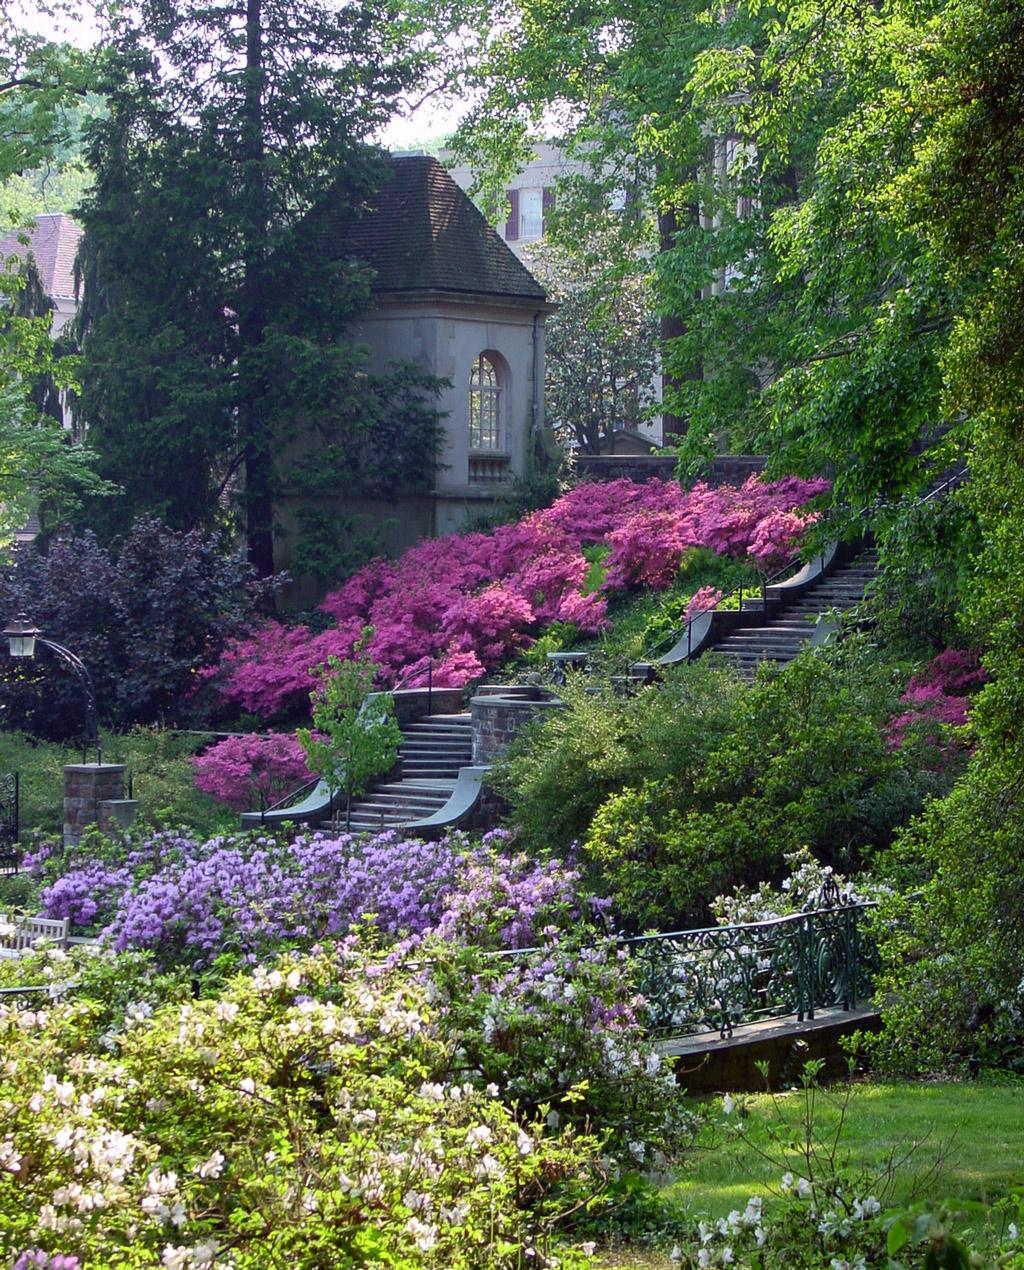 http://www.gardenvisit.com/uploads/image/image/171/17137/winterthur_garden_steps_original.jpg